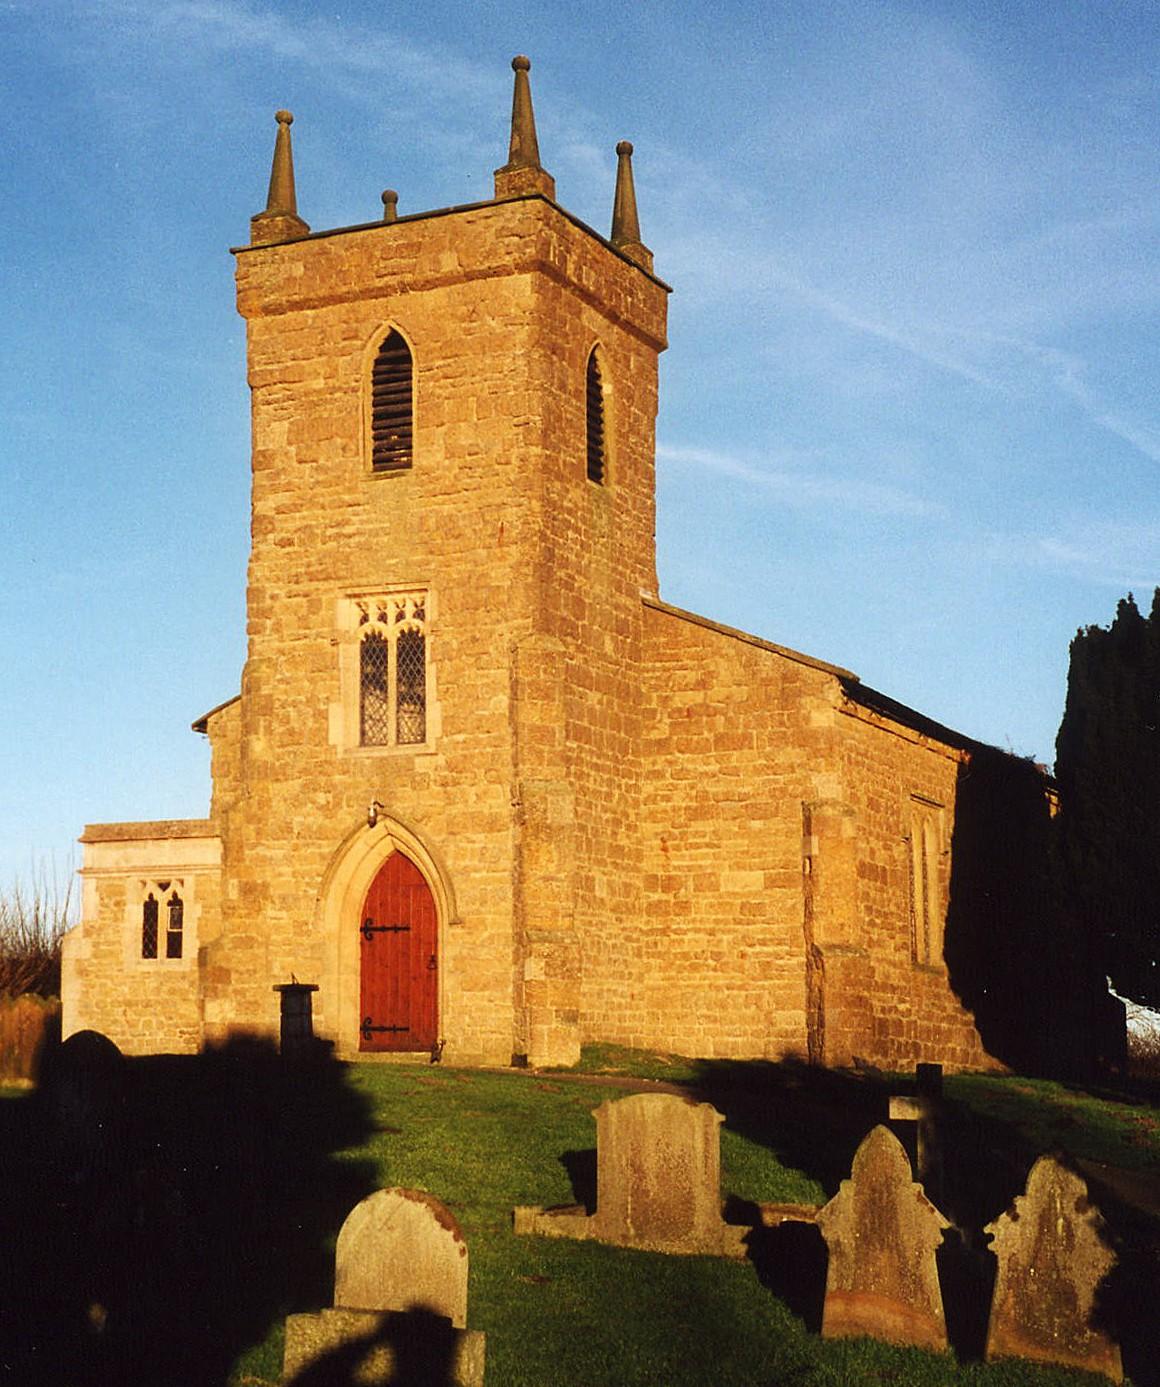 St. Thomas Church